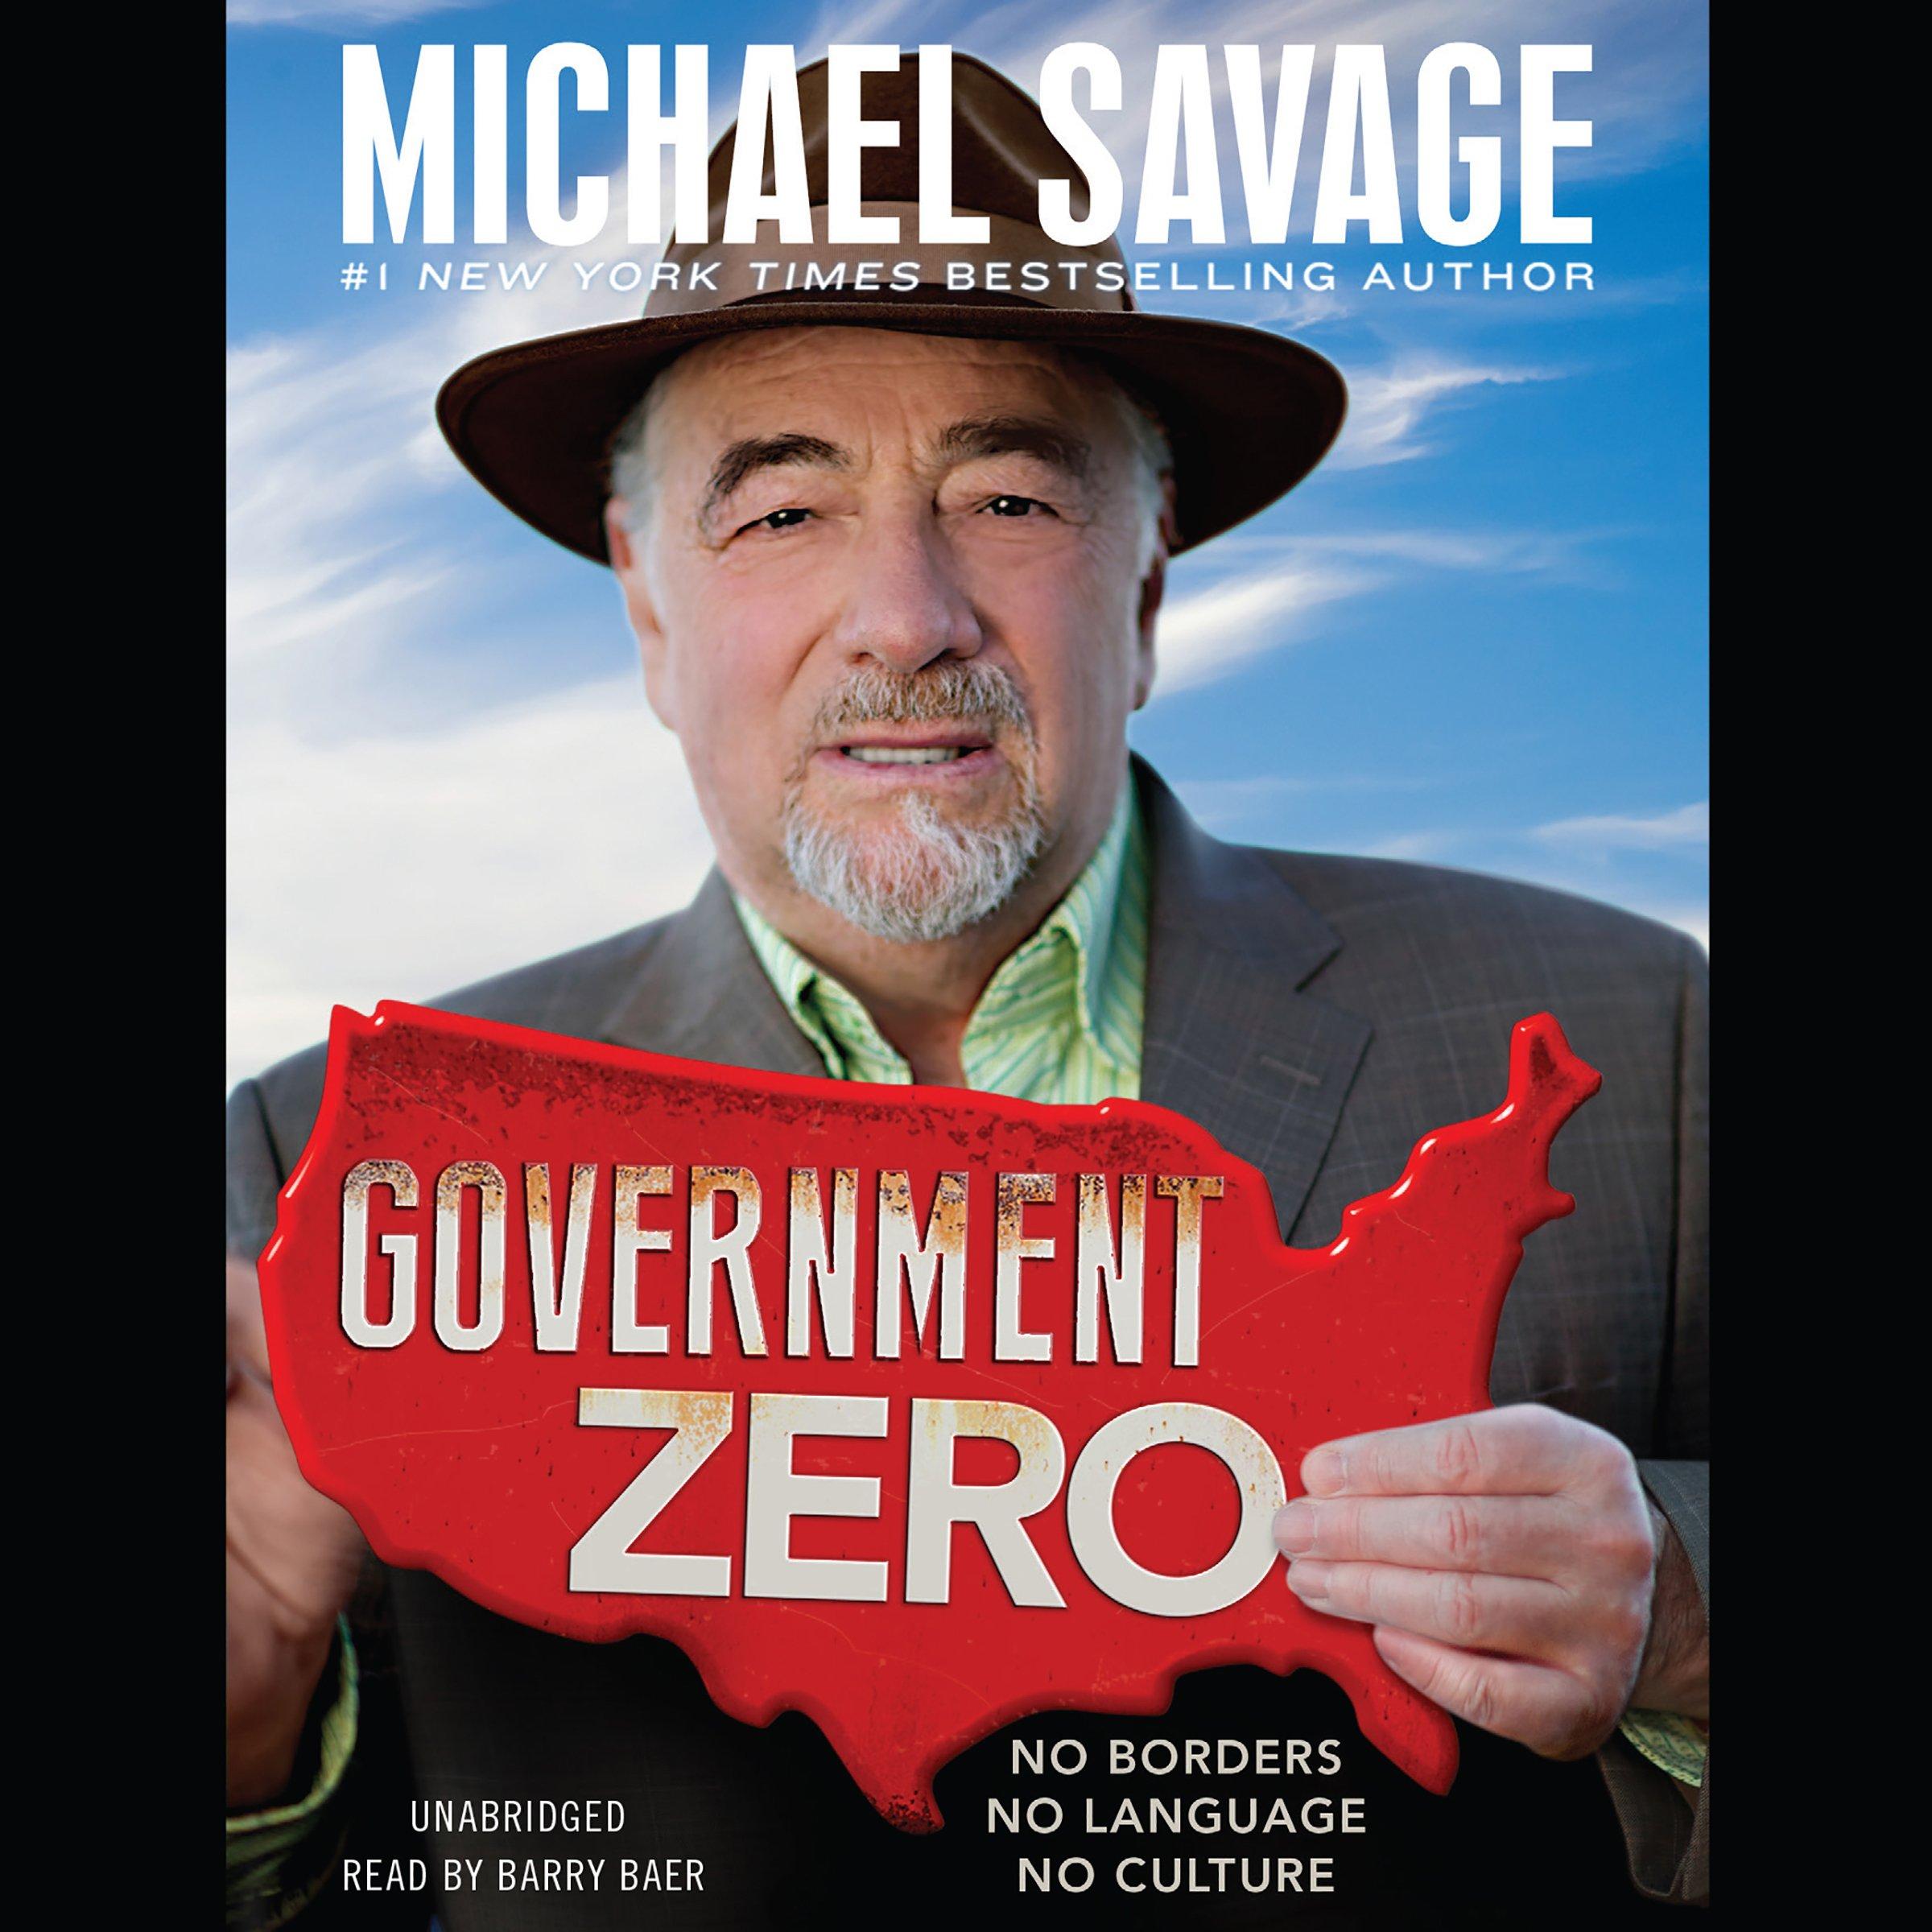 Government Zero: No Borders, No Language, No Culture by Hachette Audio